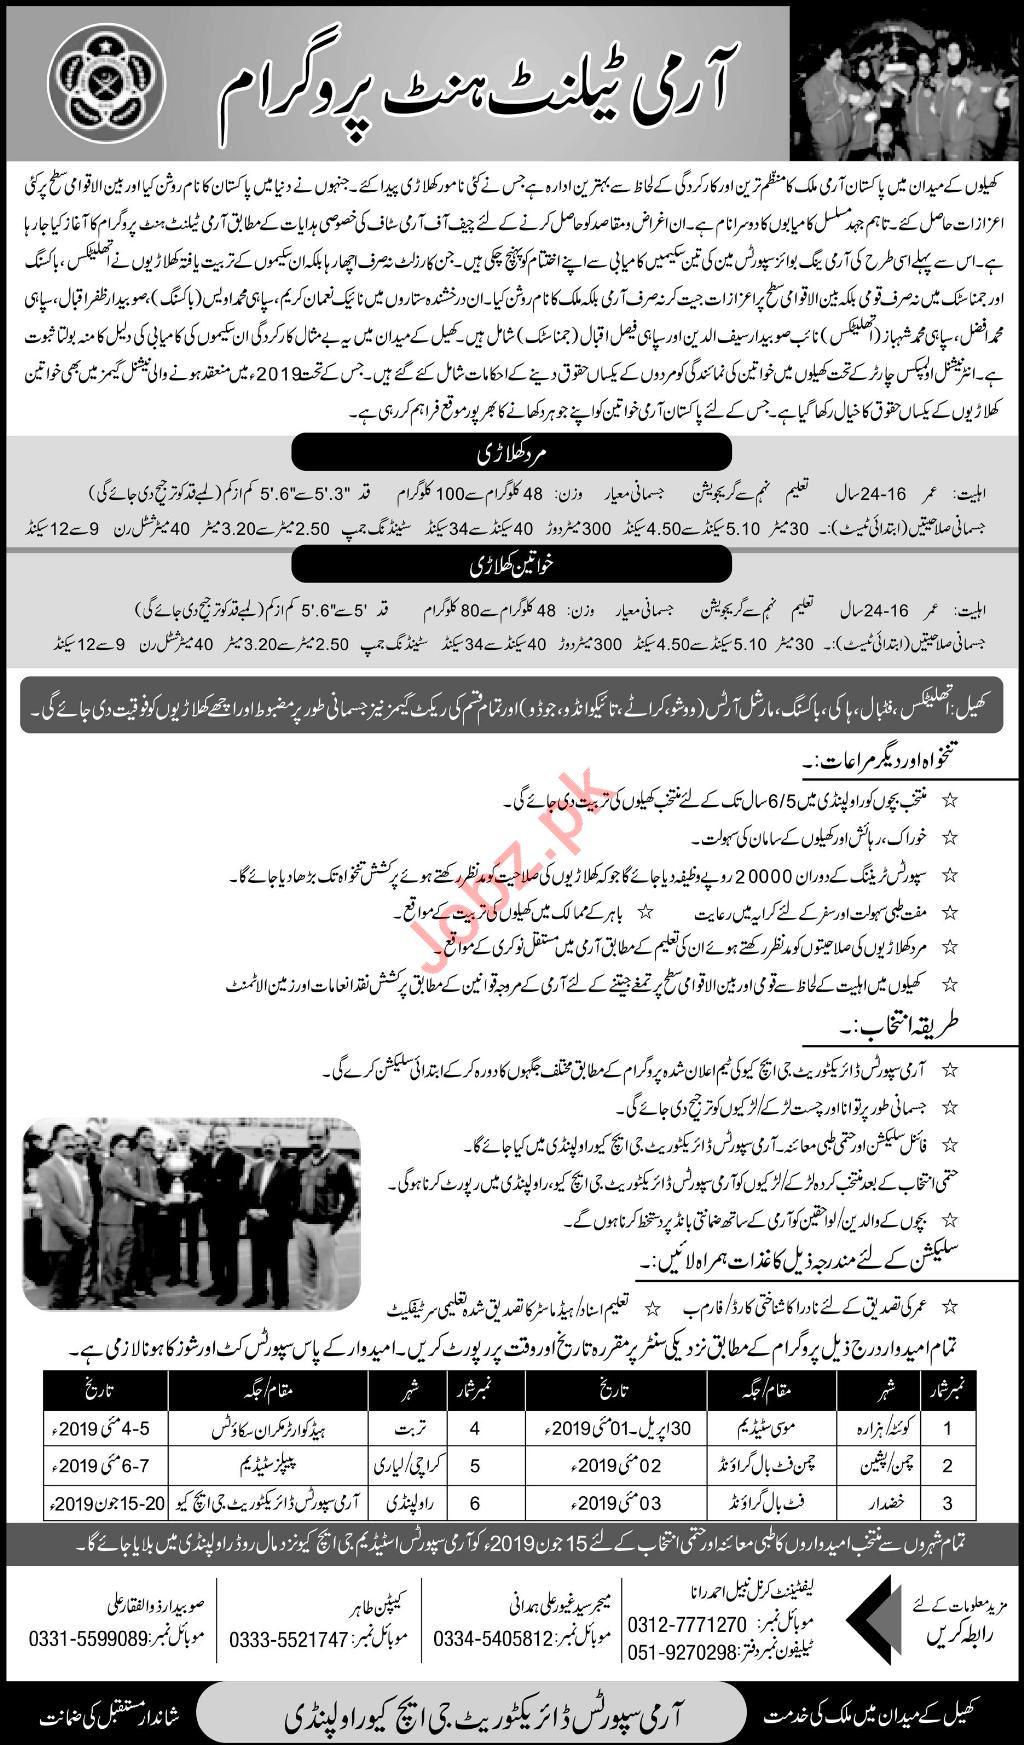 Pakistan Army Sports Talent Hunt Program 2019 Job